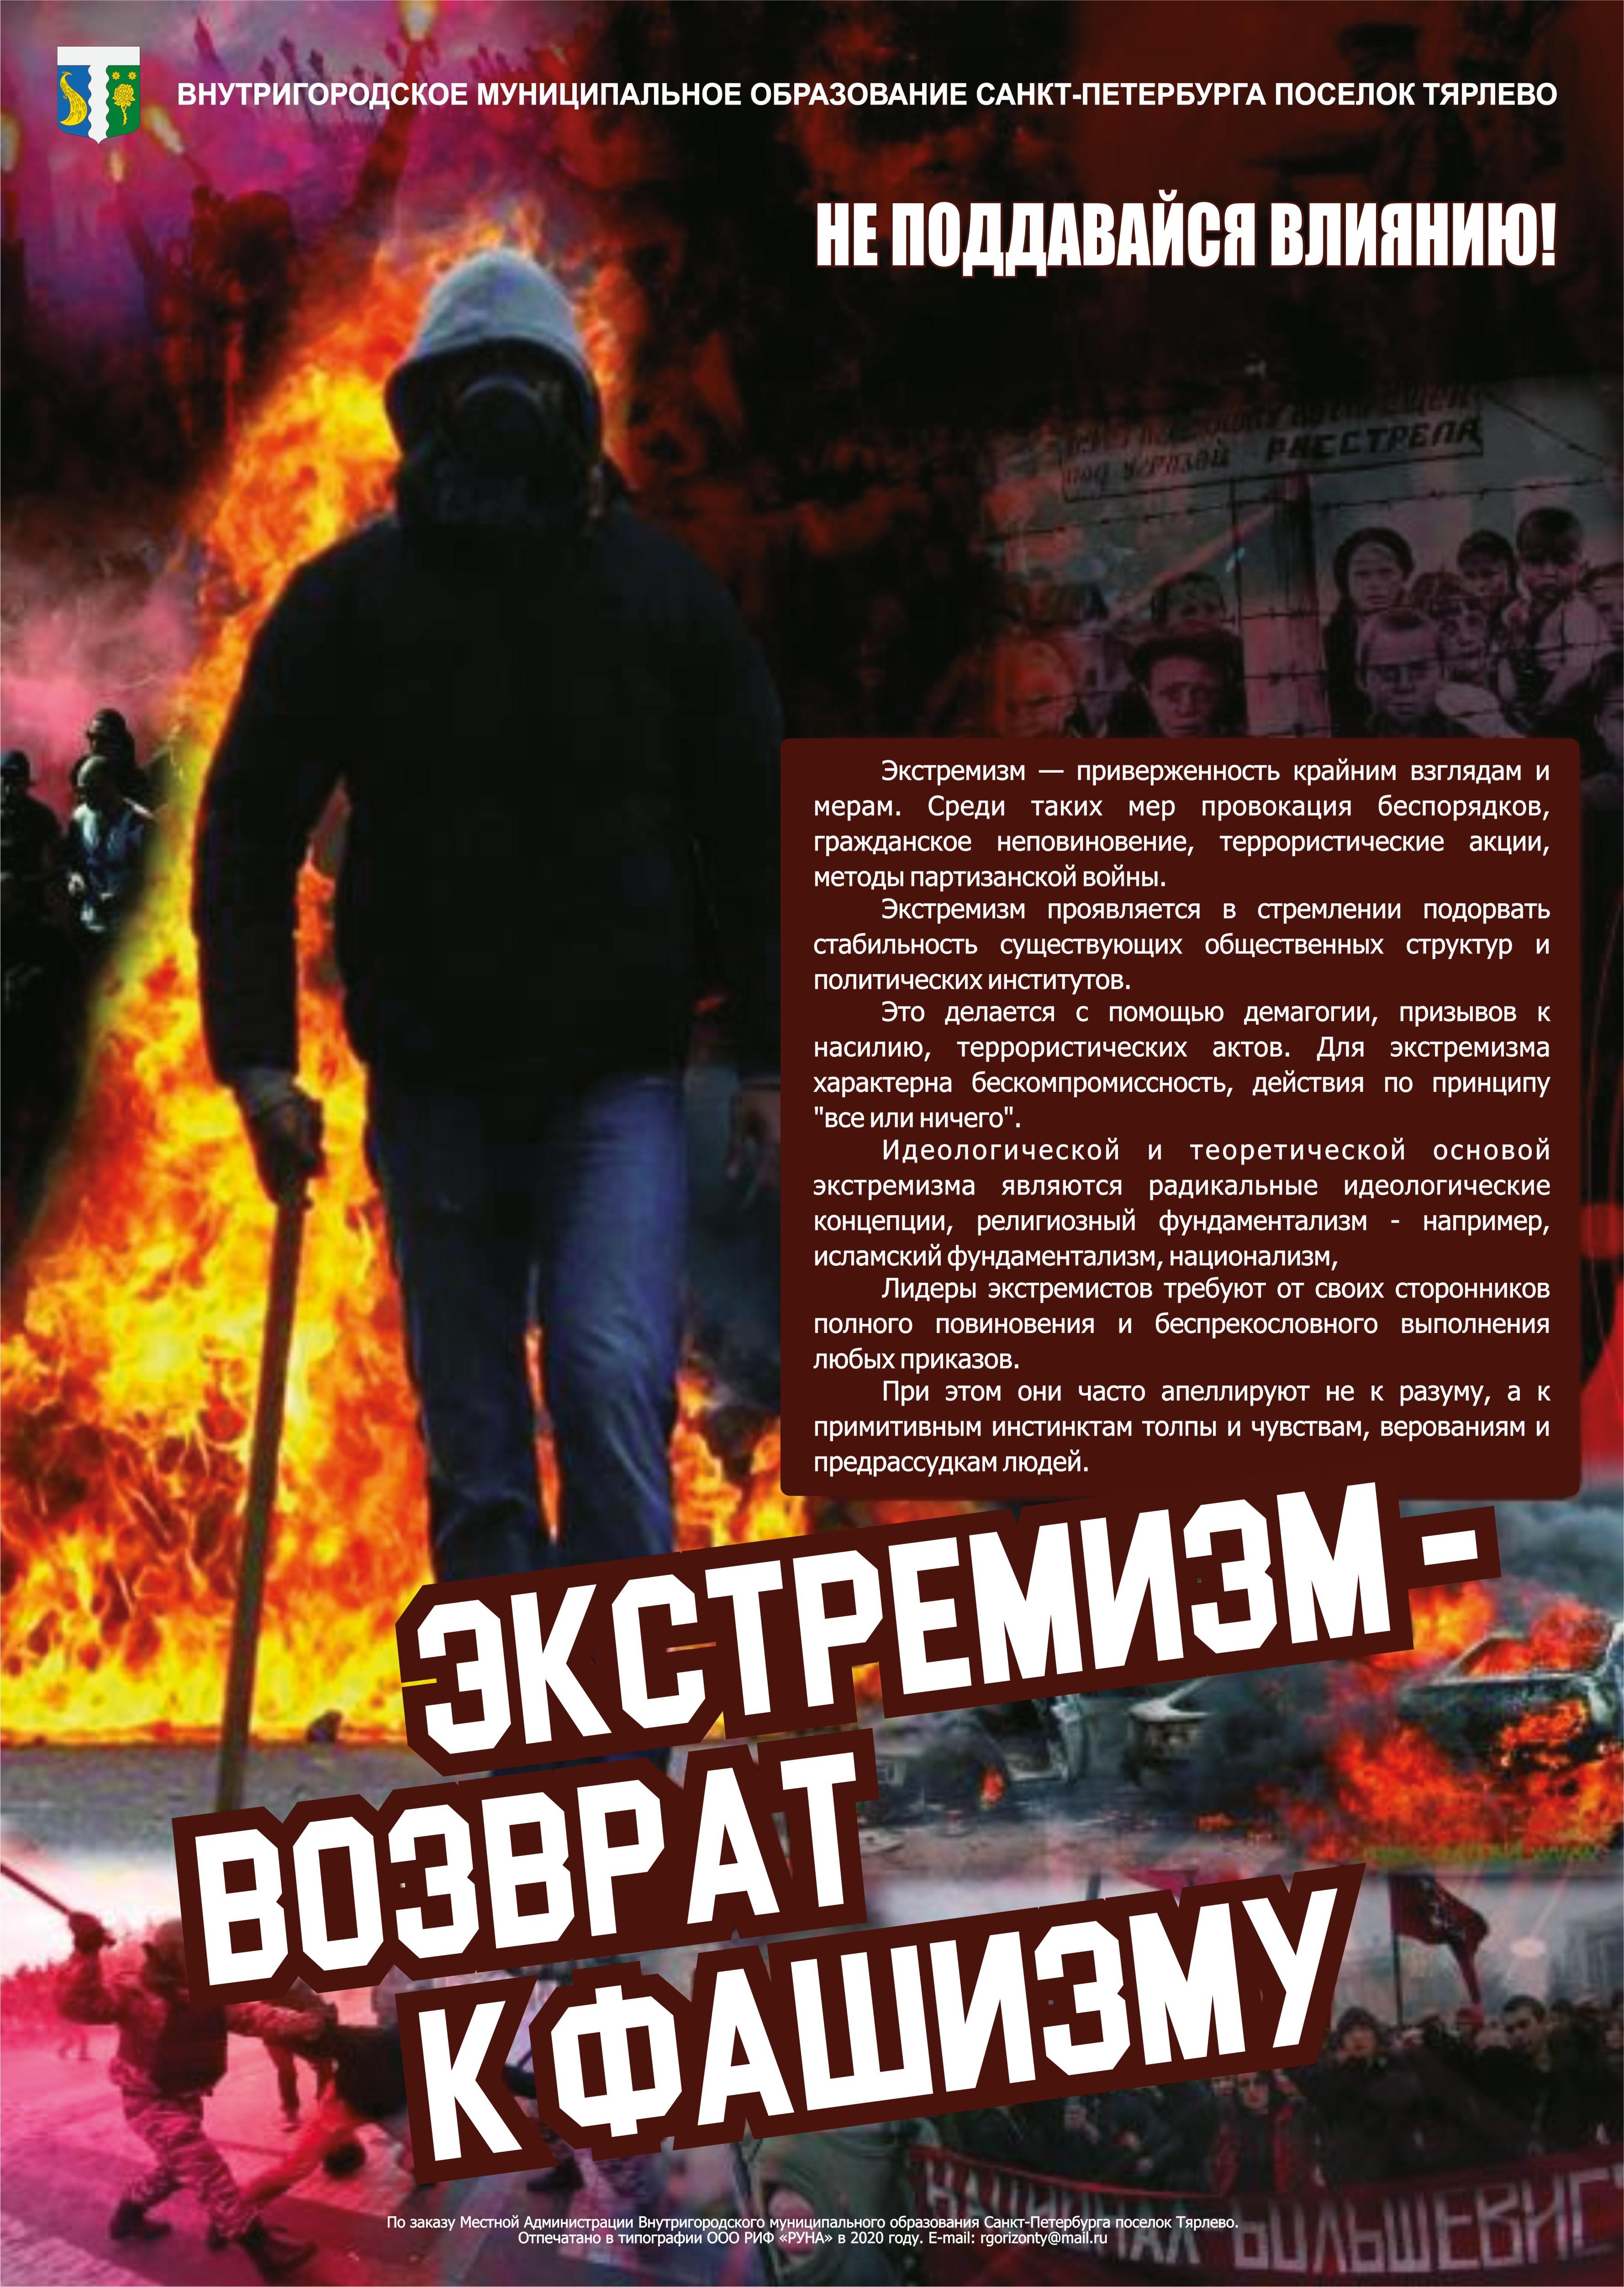 11. Плакат «Экстремизм – возврат к фашизму»